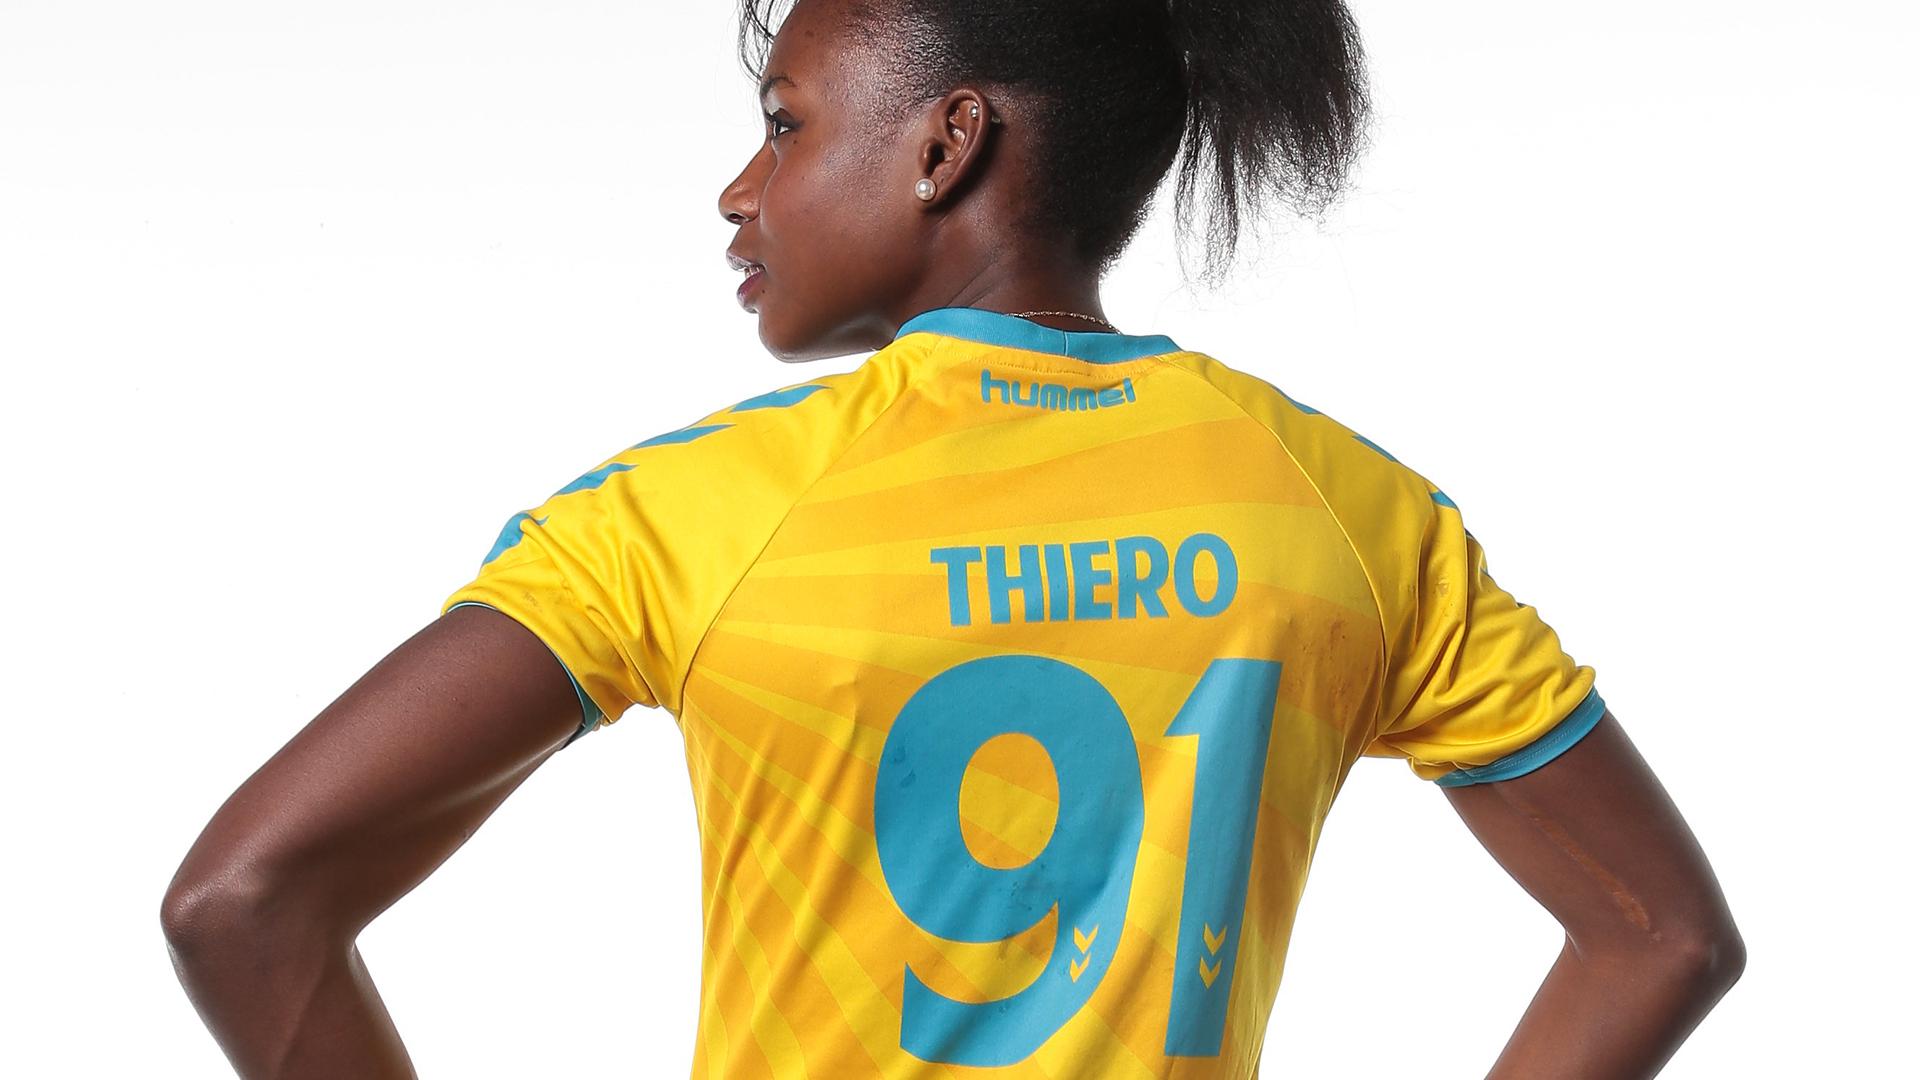 Simone Thiero